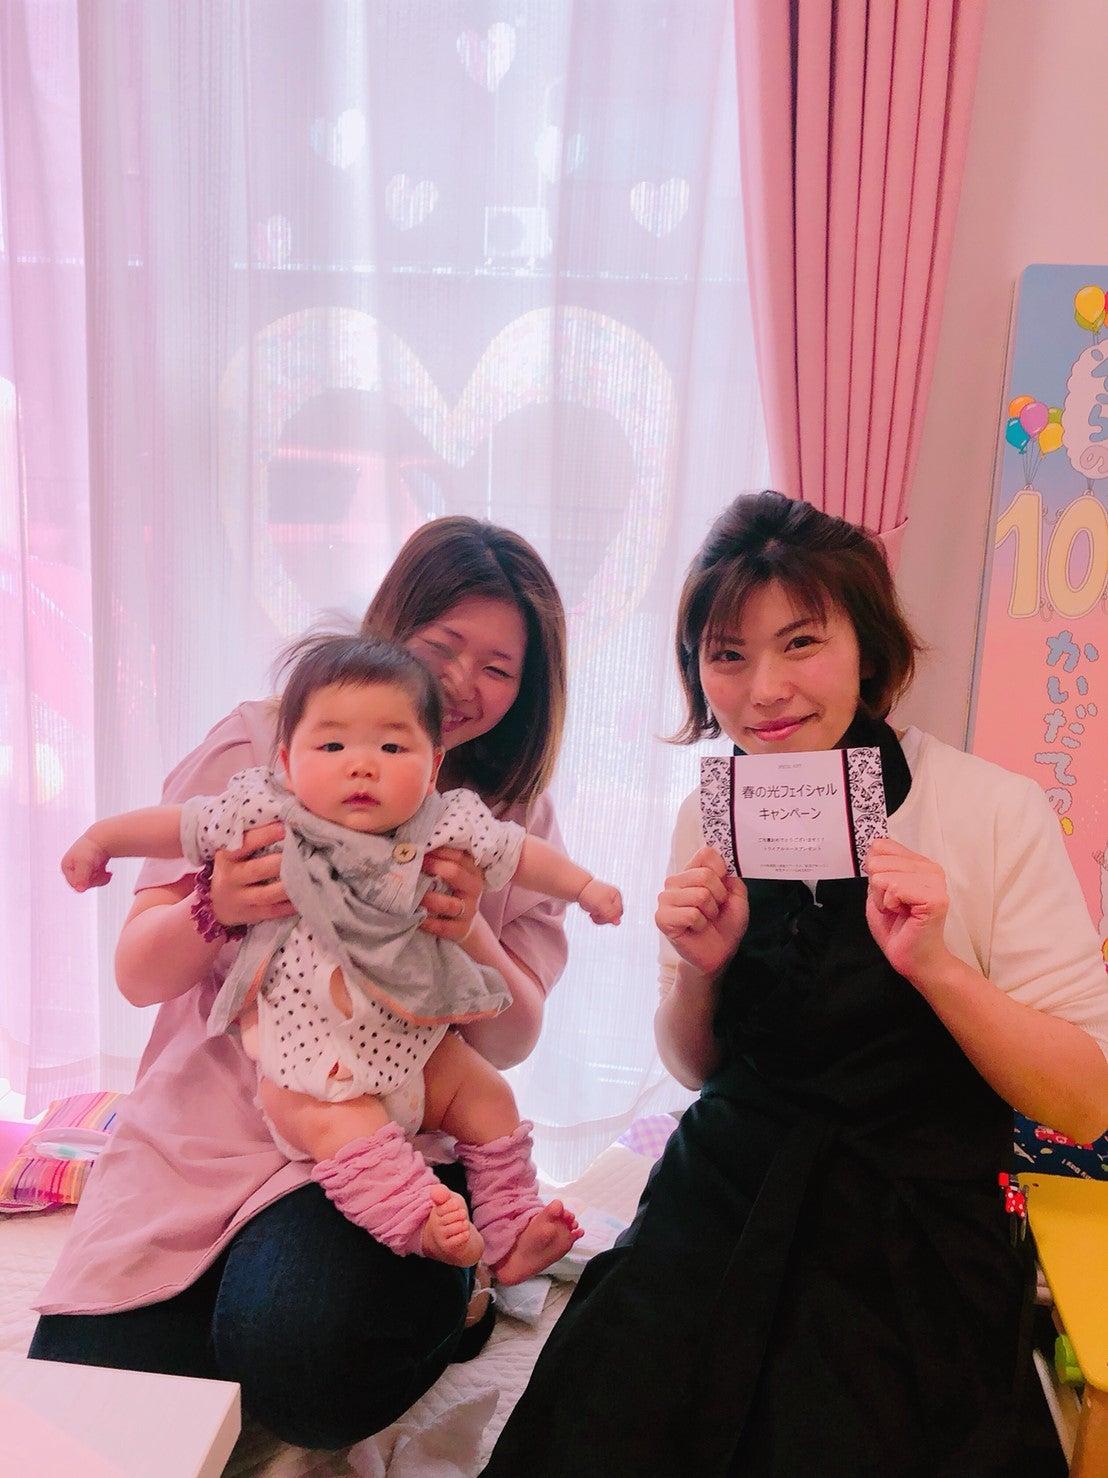 虹色サロン~春のフェイシャルキャンペーン結果発表~の記事より